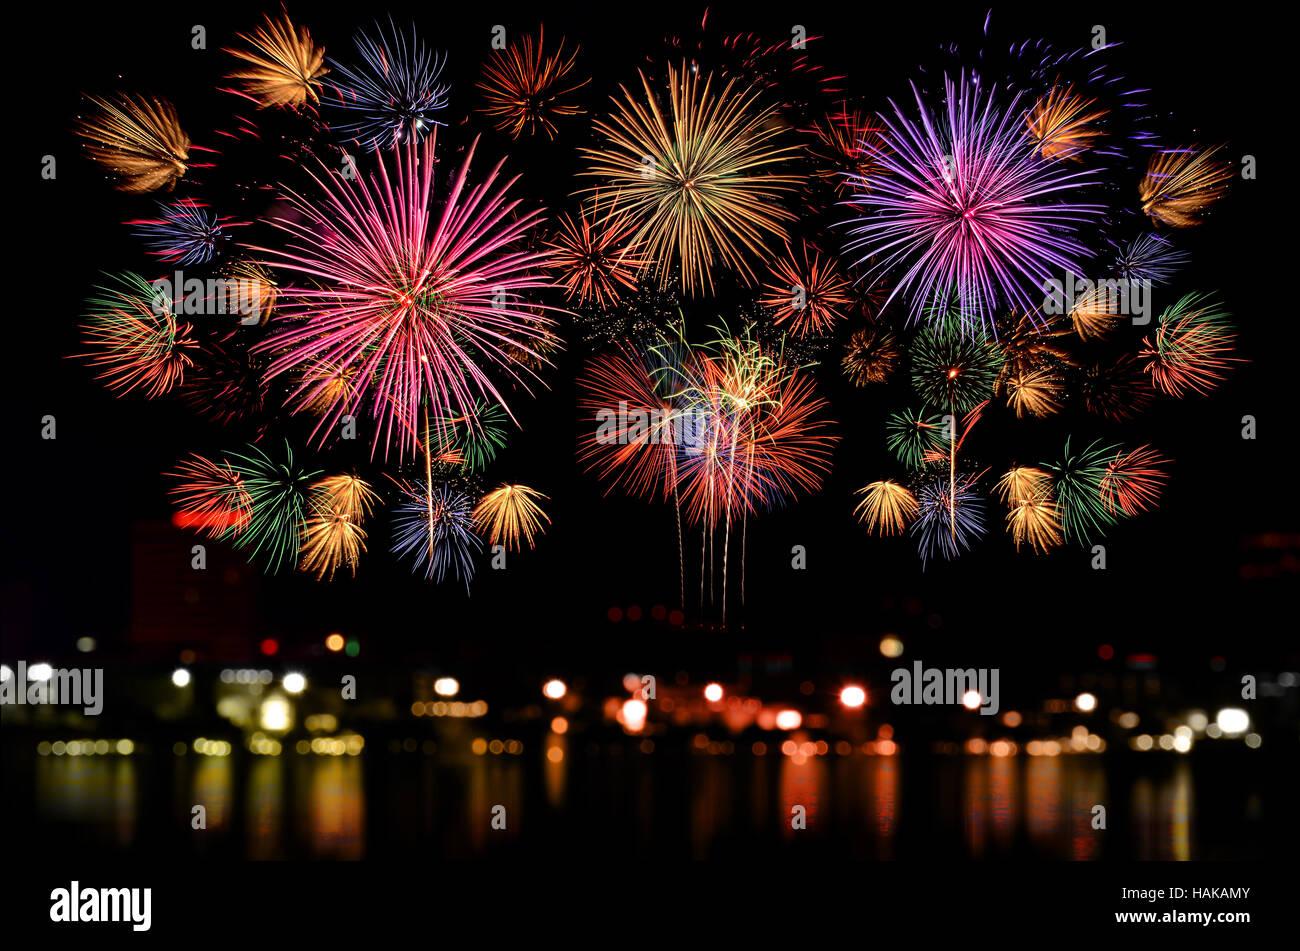 Colorida fiesta de fuegos artificiales sobre el oscuro fondo del cielo nocturno. Hermoso espectáculo de fuegos artificiales sobre el claro cielo de la noche. Foto de stock